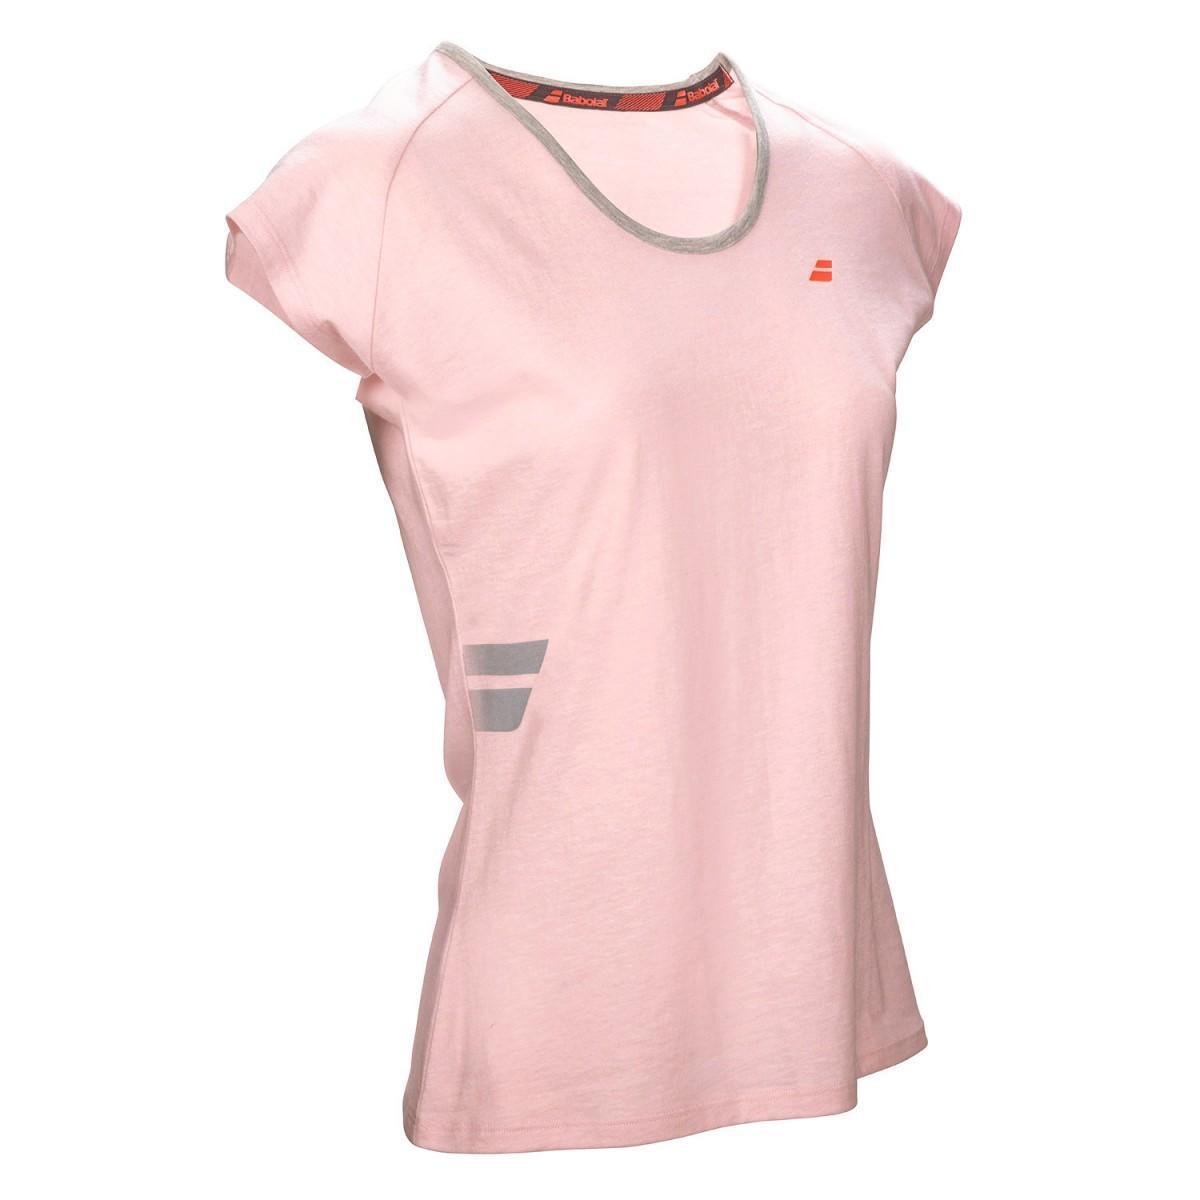 Теннисная футболка детская Babolat Core Tee Girl light pink